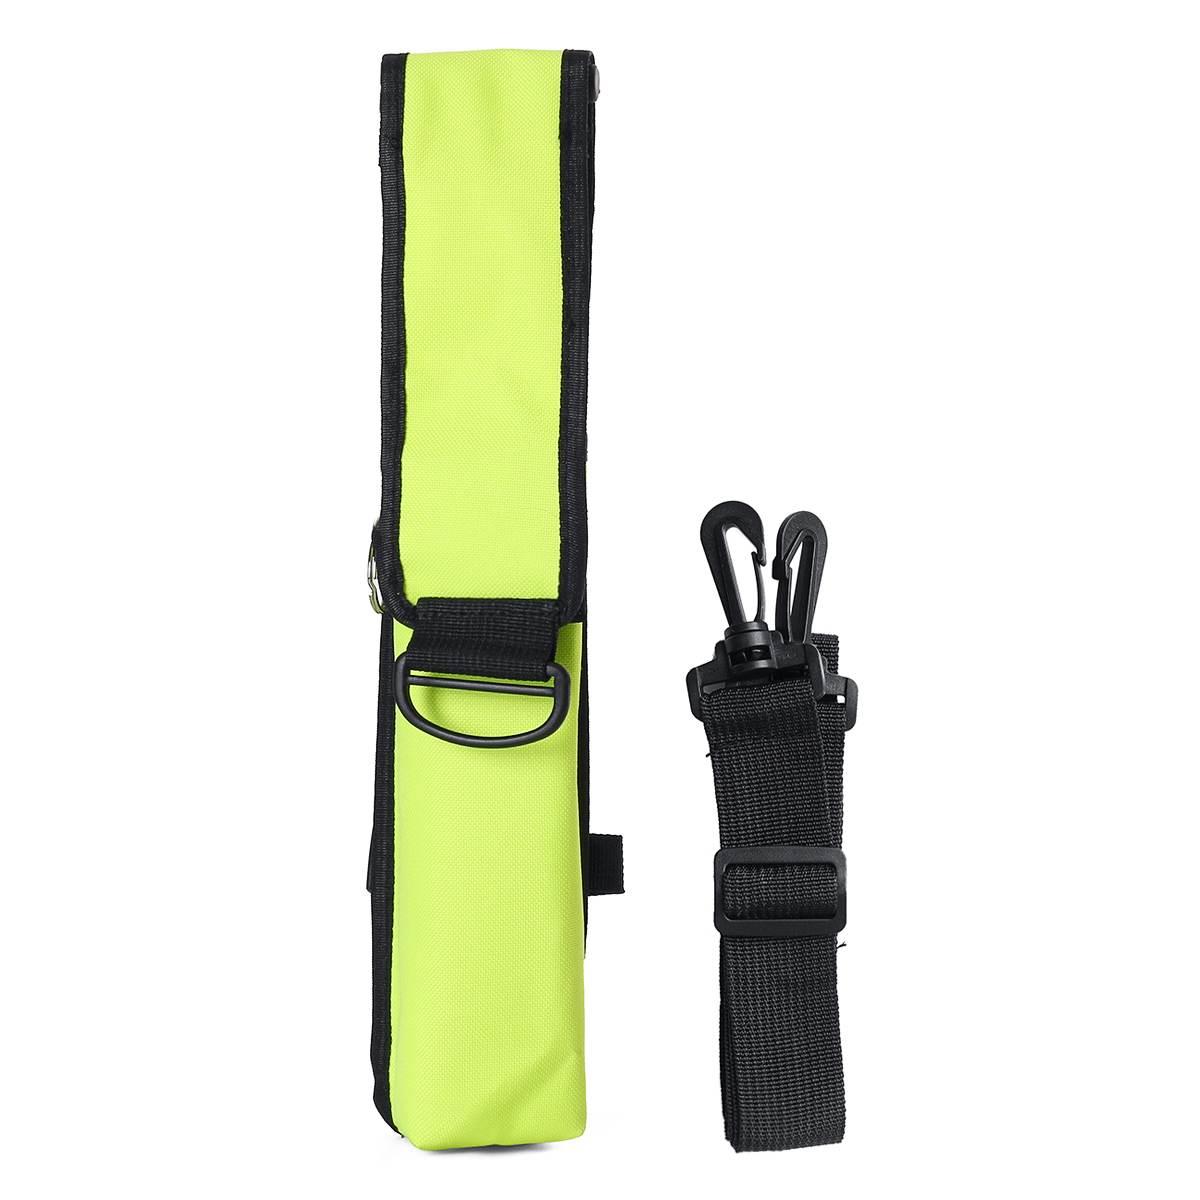 Bolsa de aire para buceo, cilindro de oxígeno, bolsa de respirador para equipo de buceo y natación, dispositivo de respiración submarina